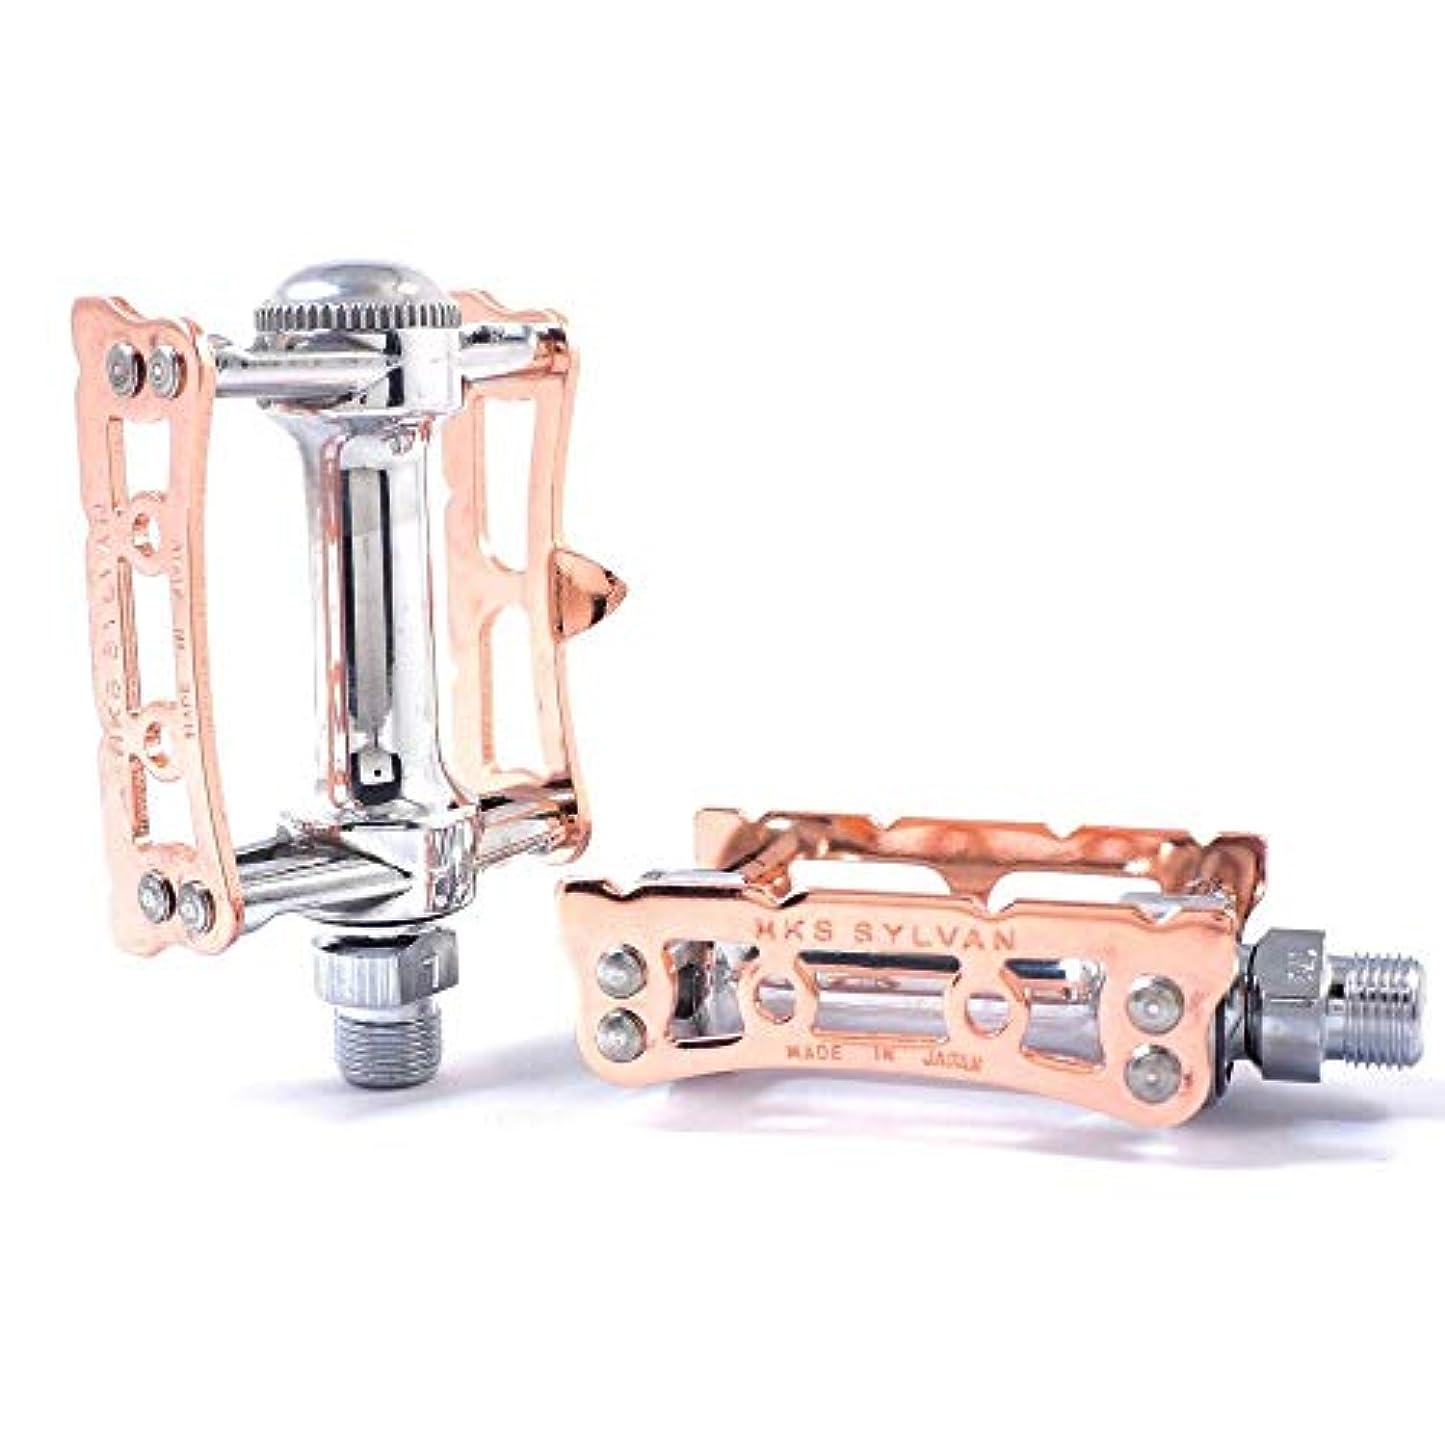 夕暮れアシスト安らぎMKS プライム シルバン トラック 9/16インチ トゥクリップ 適合 ロード自転車ペダル - 銅